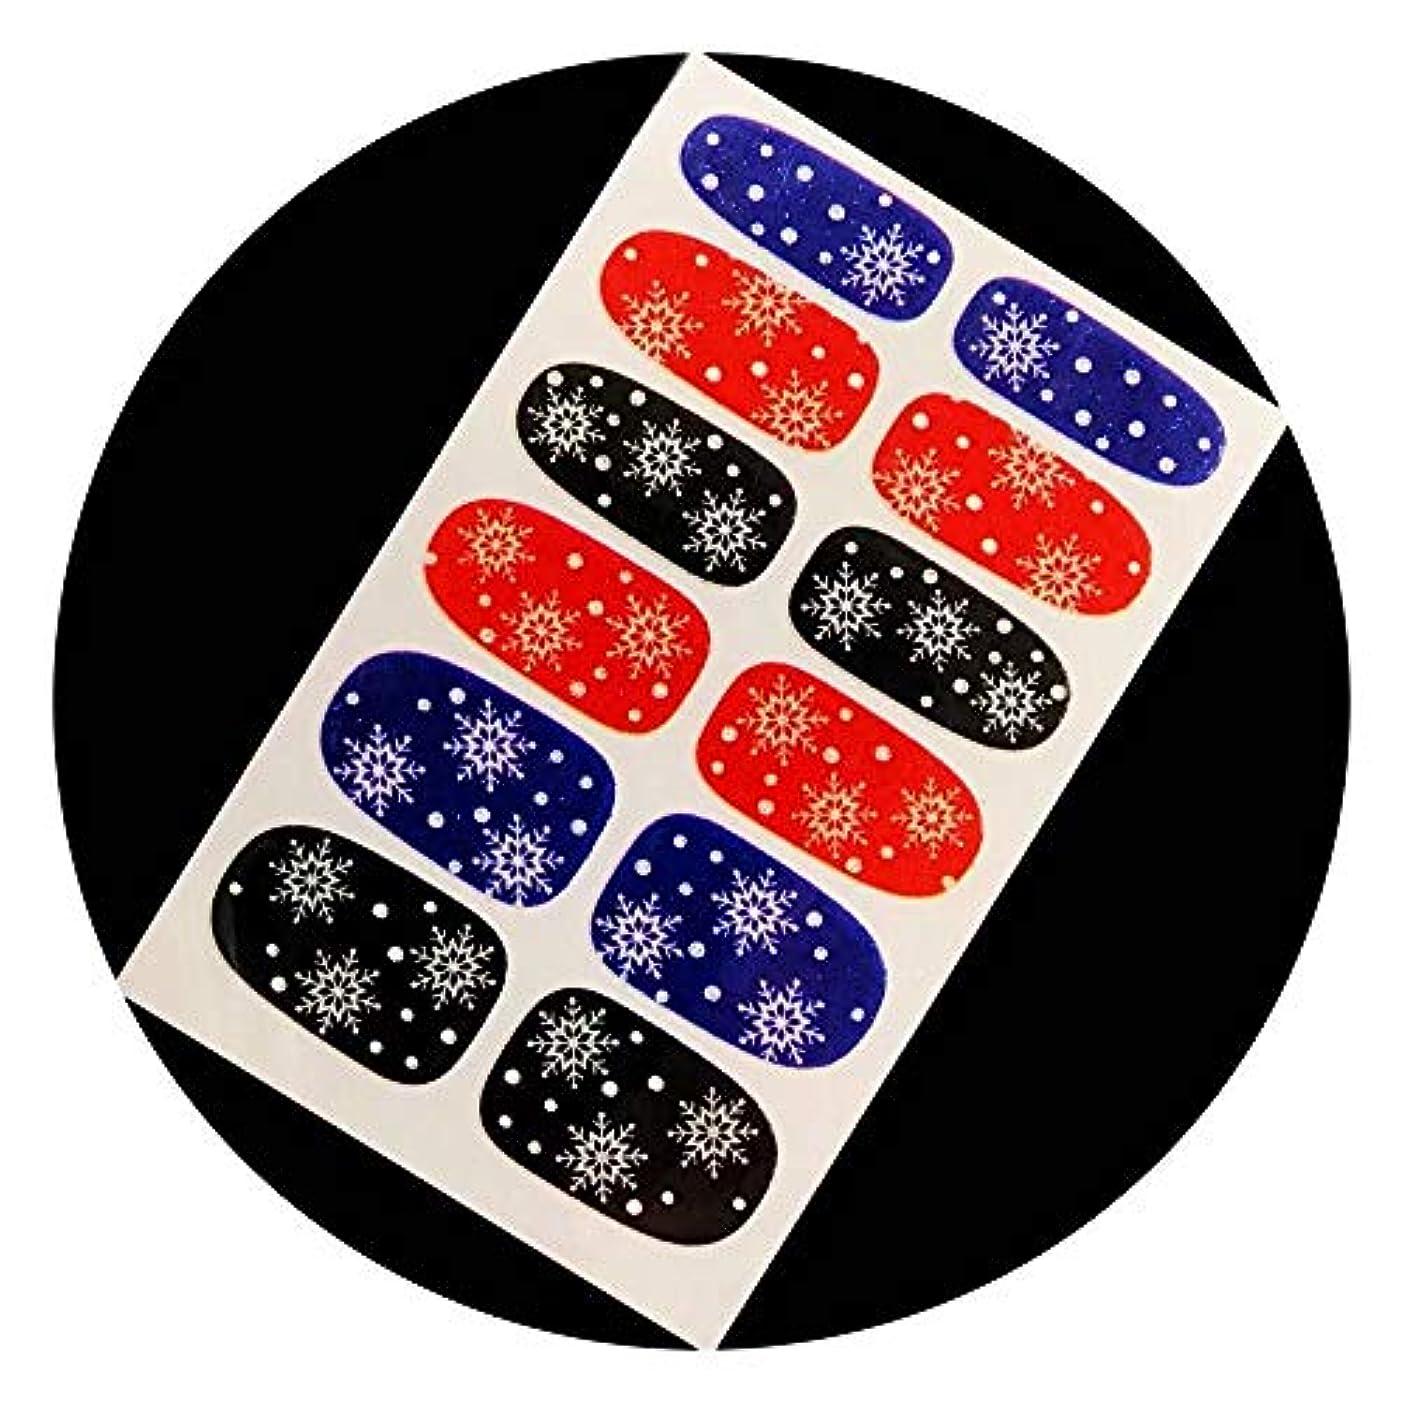 盲信フック破壊的ネイルシール ネイルラップ ネイルアート 貼るだけ マニキュア 12ピース (雪 541)